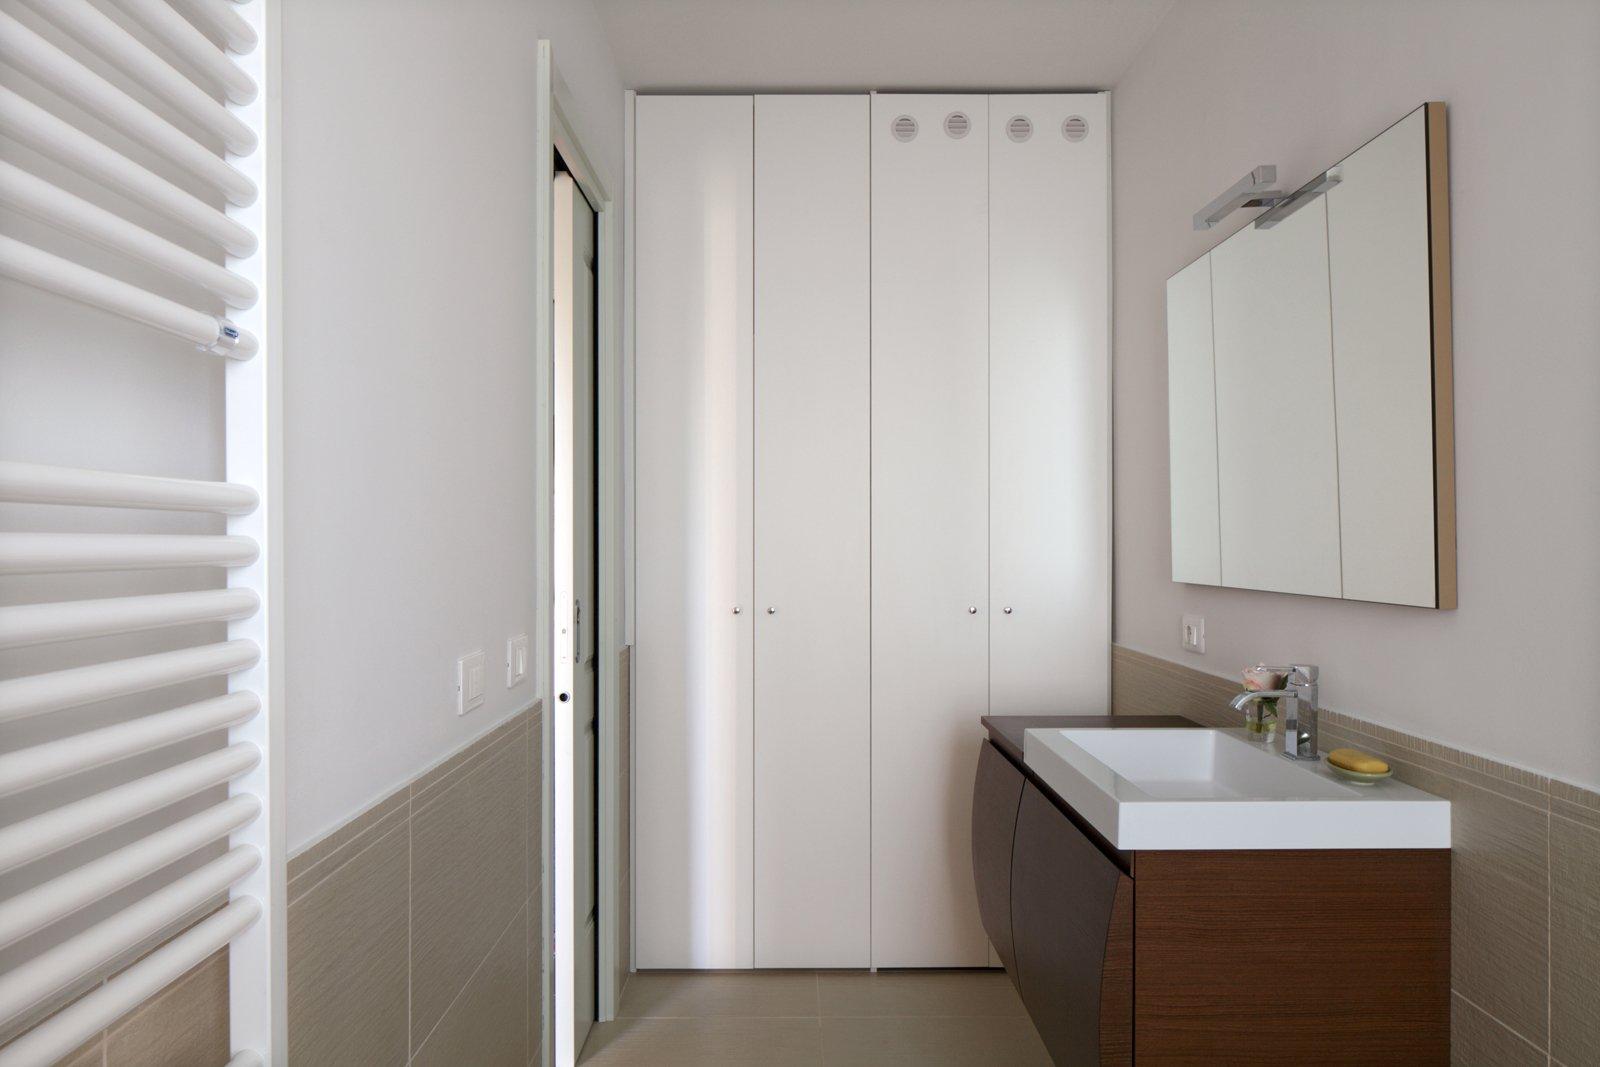 Idee da copiare per migliorare la casa cose di casa for Case belle da copiare